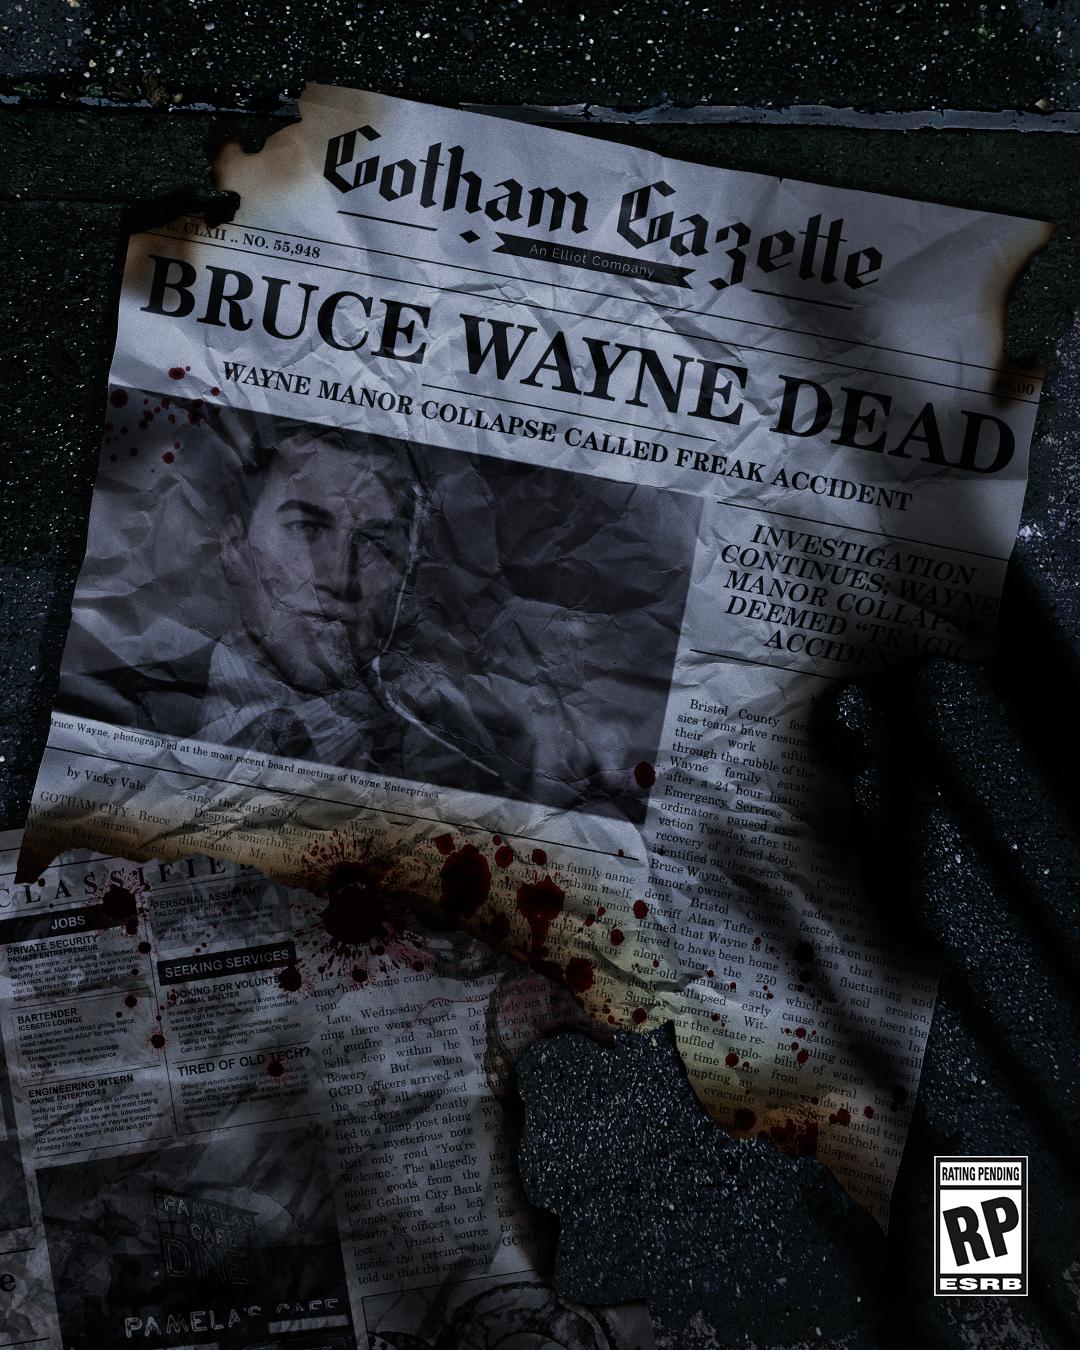 《高譚騎士》暗示蝙蝠俠之死 thumbnail